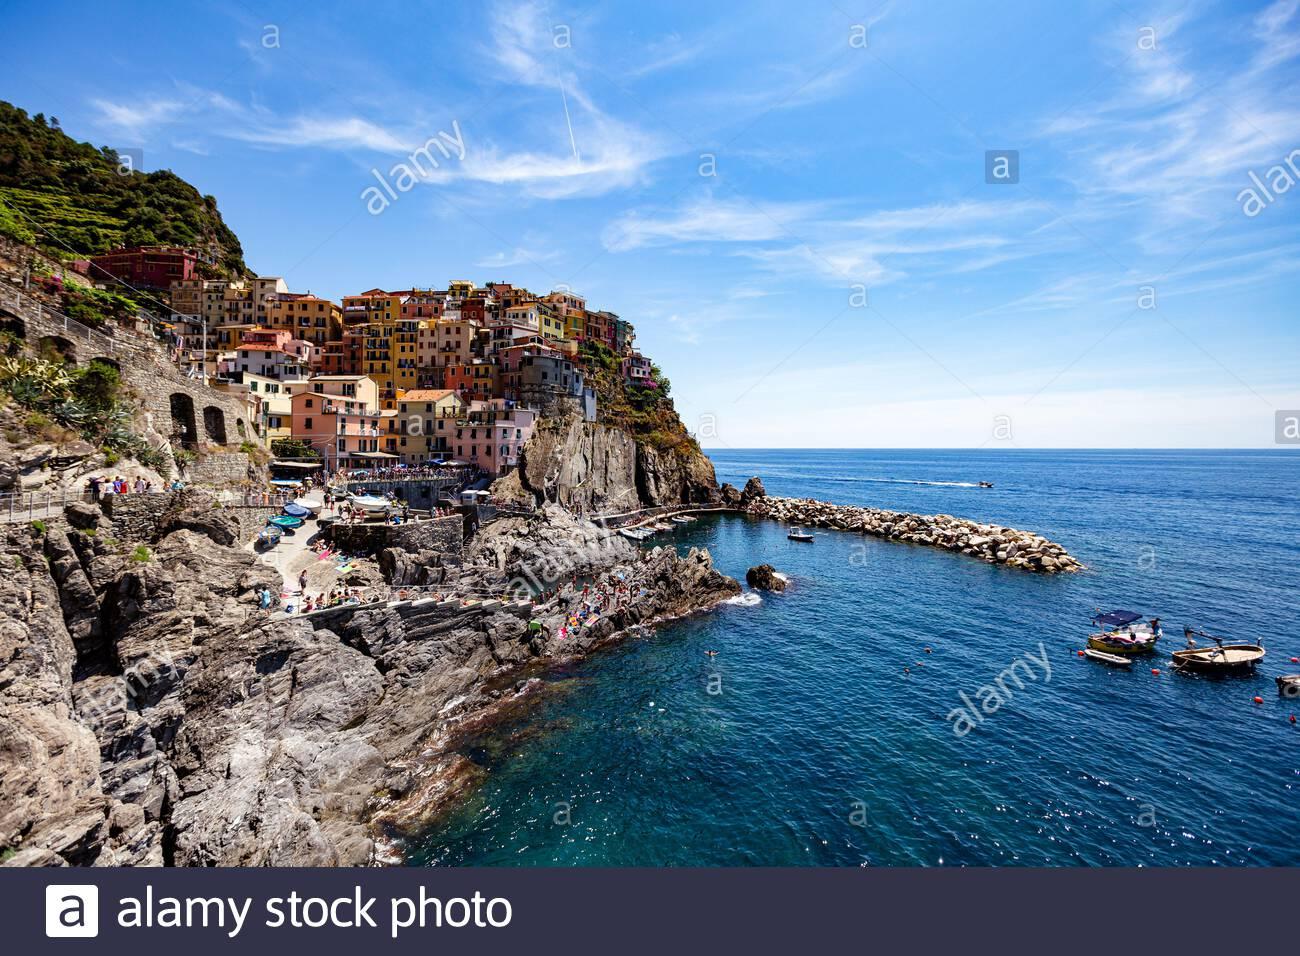 Manarola, Ligury, Italia - Iconic Landmark Village en el parque nacional de Cinque Terre en Italia, Ligury, cerca de la ciudad de Spezia. Sitio de Patrimonio Mundial de la UNESCO. Foto de stock